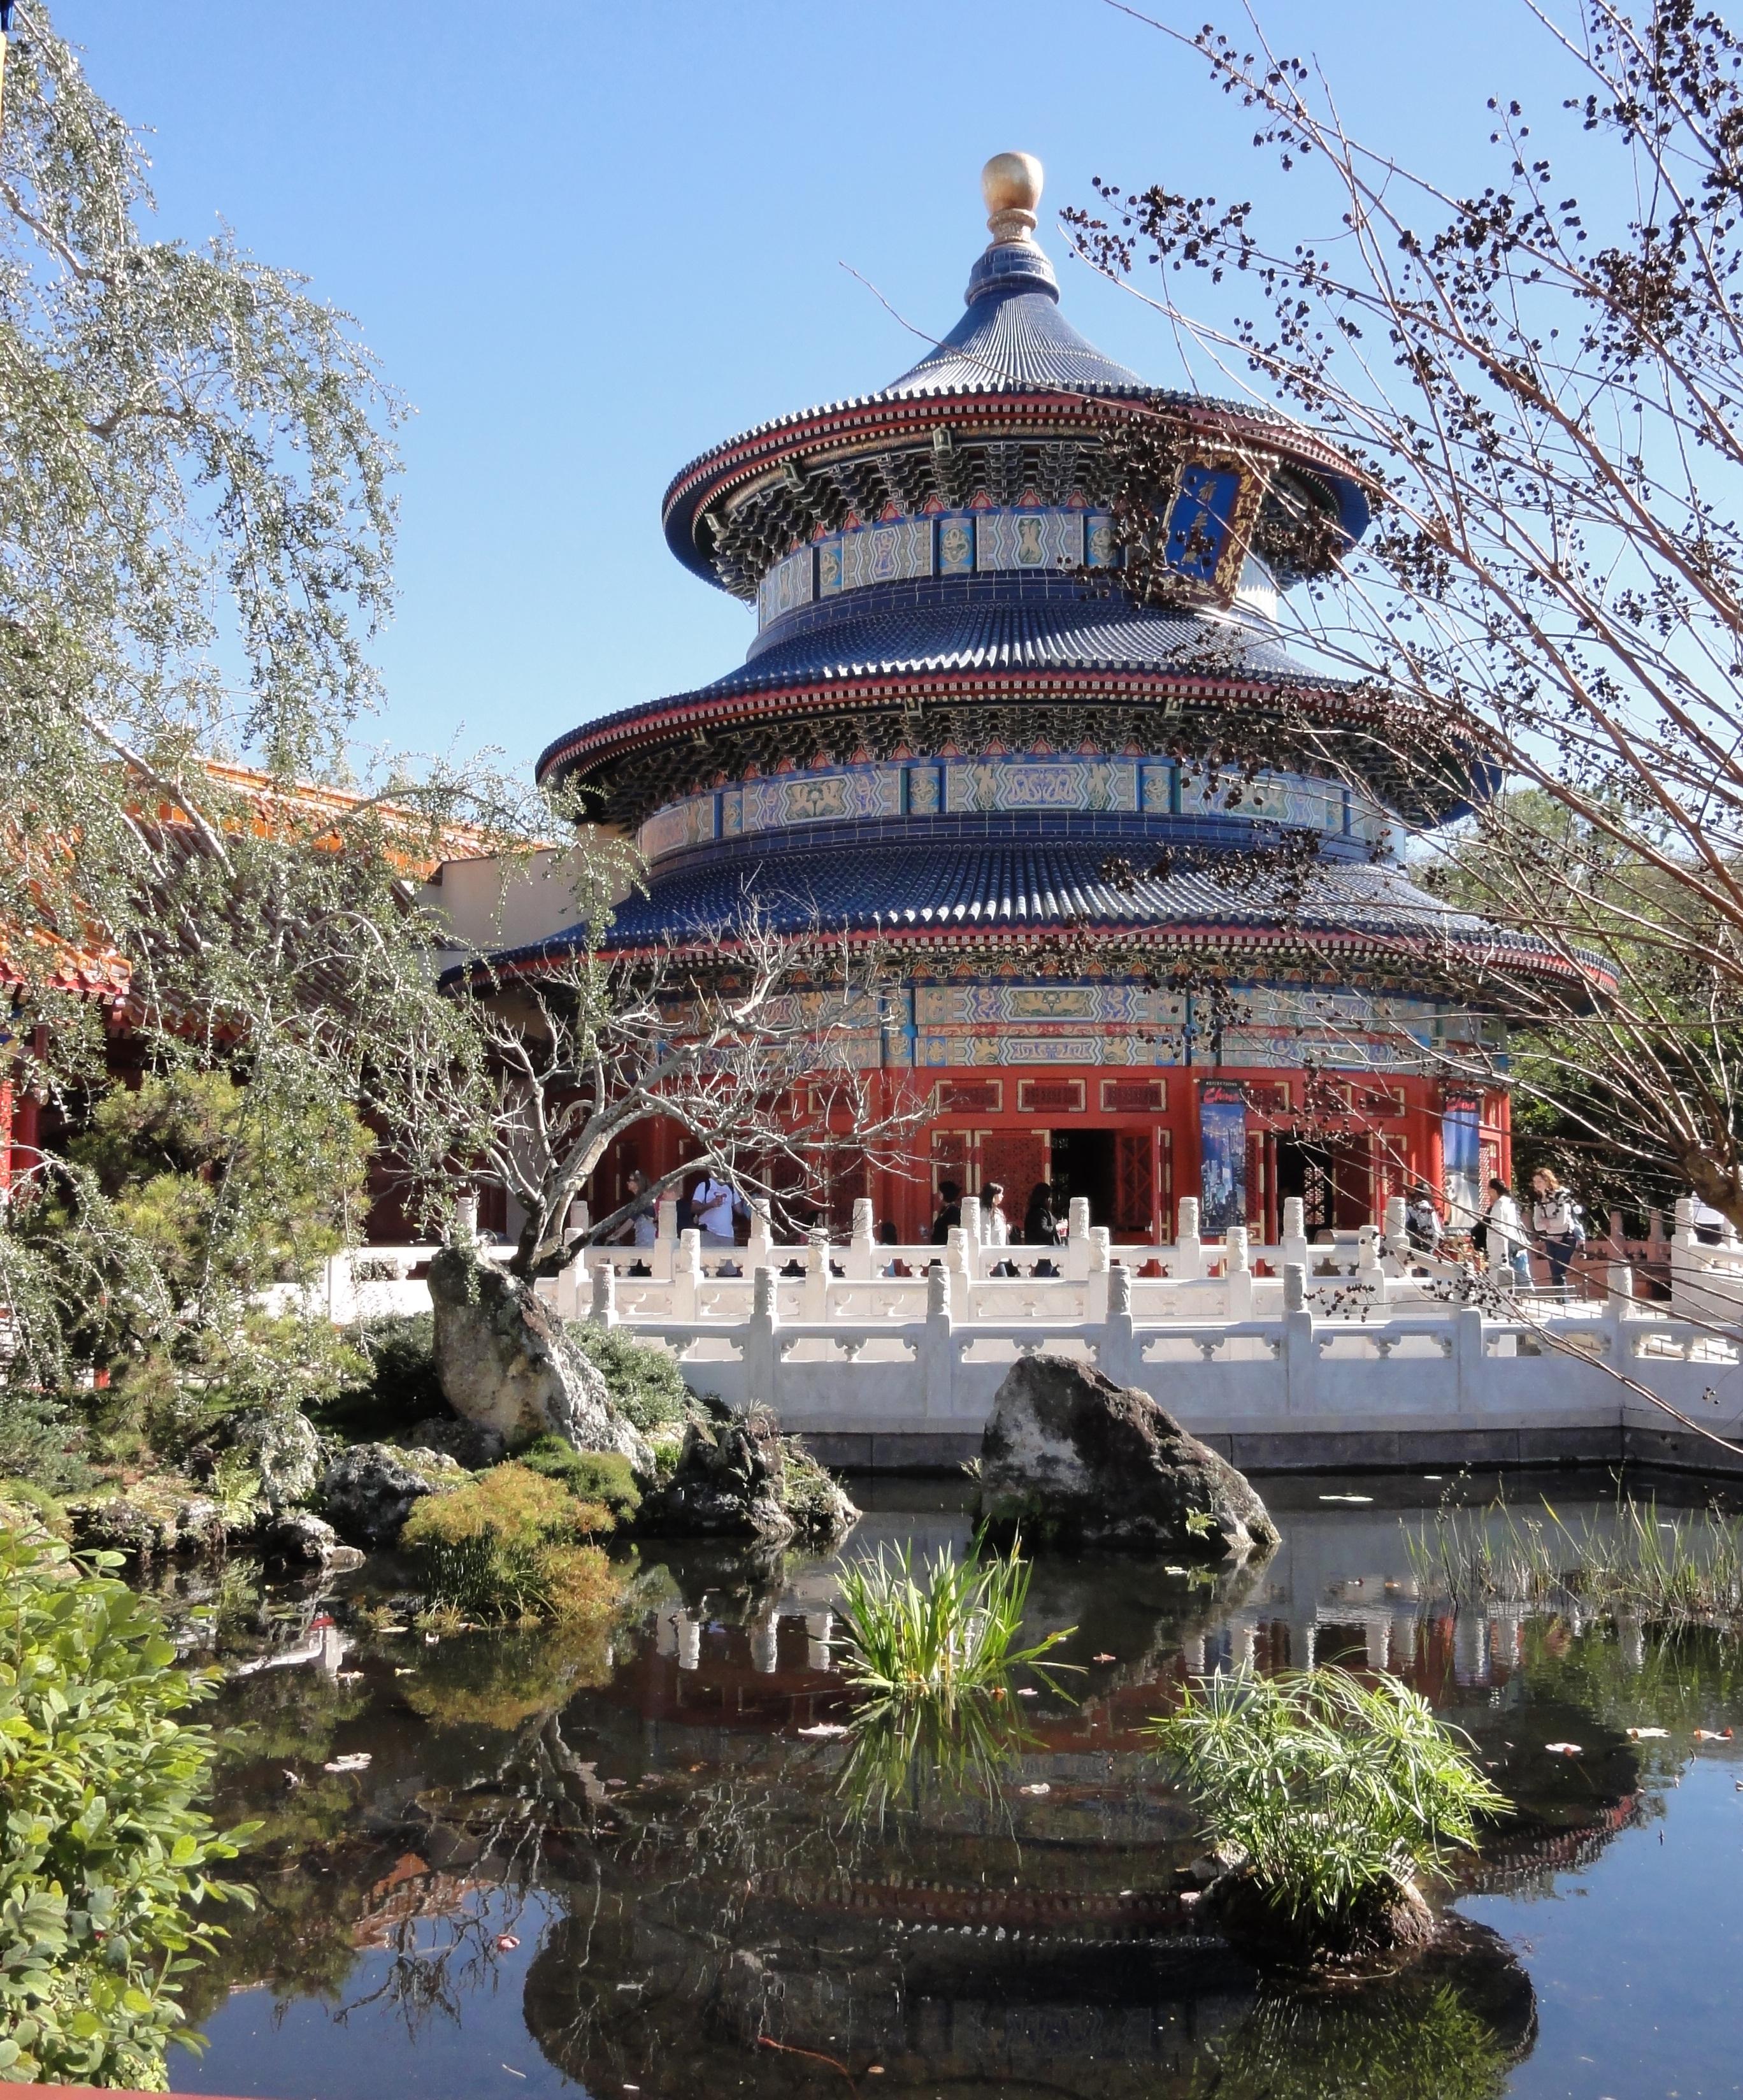 Gratuites fleur palais parc monde Disney temple